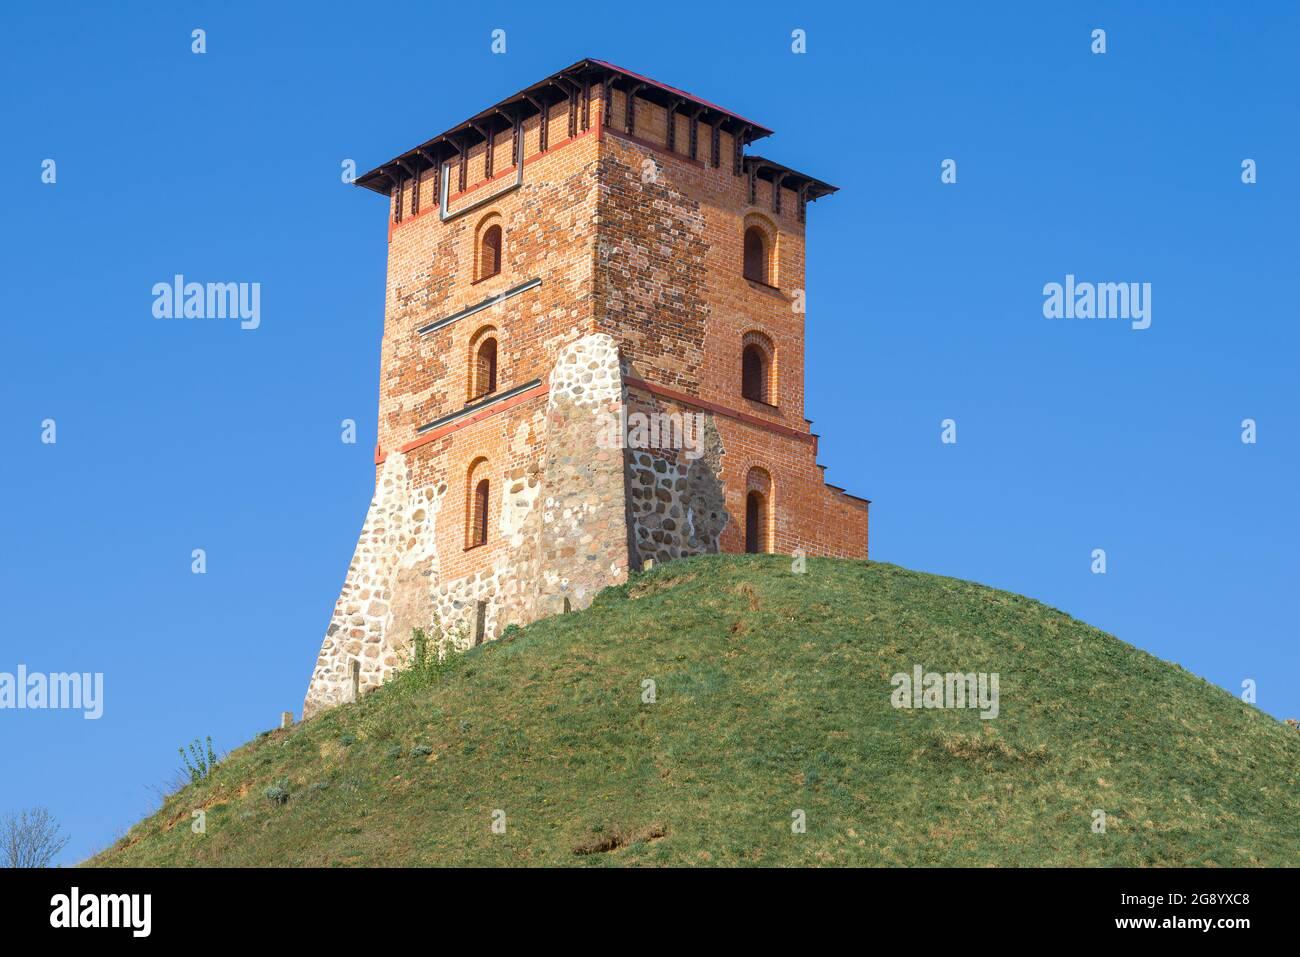 La tour restaurée de l'ancien château médiéval le jour ensoleillé d'avril. Novogrudok, Biélorussie Banque D'Images